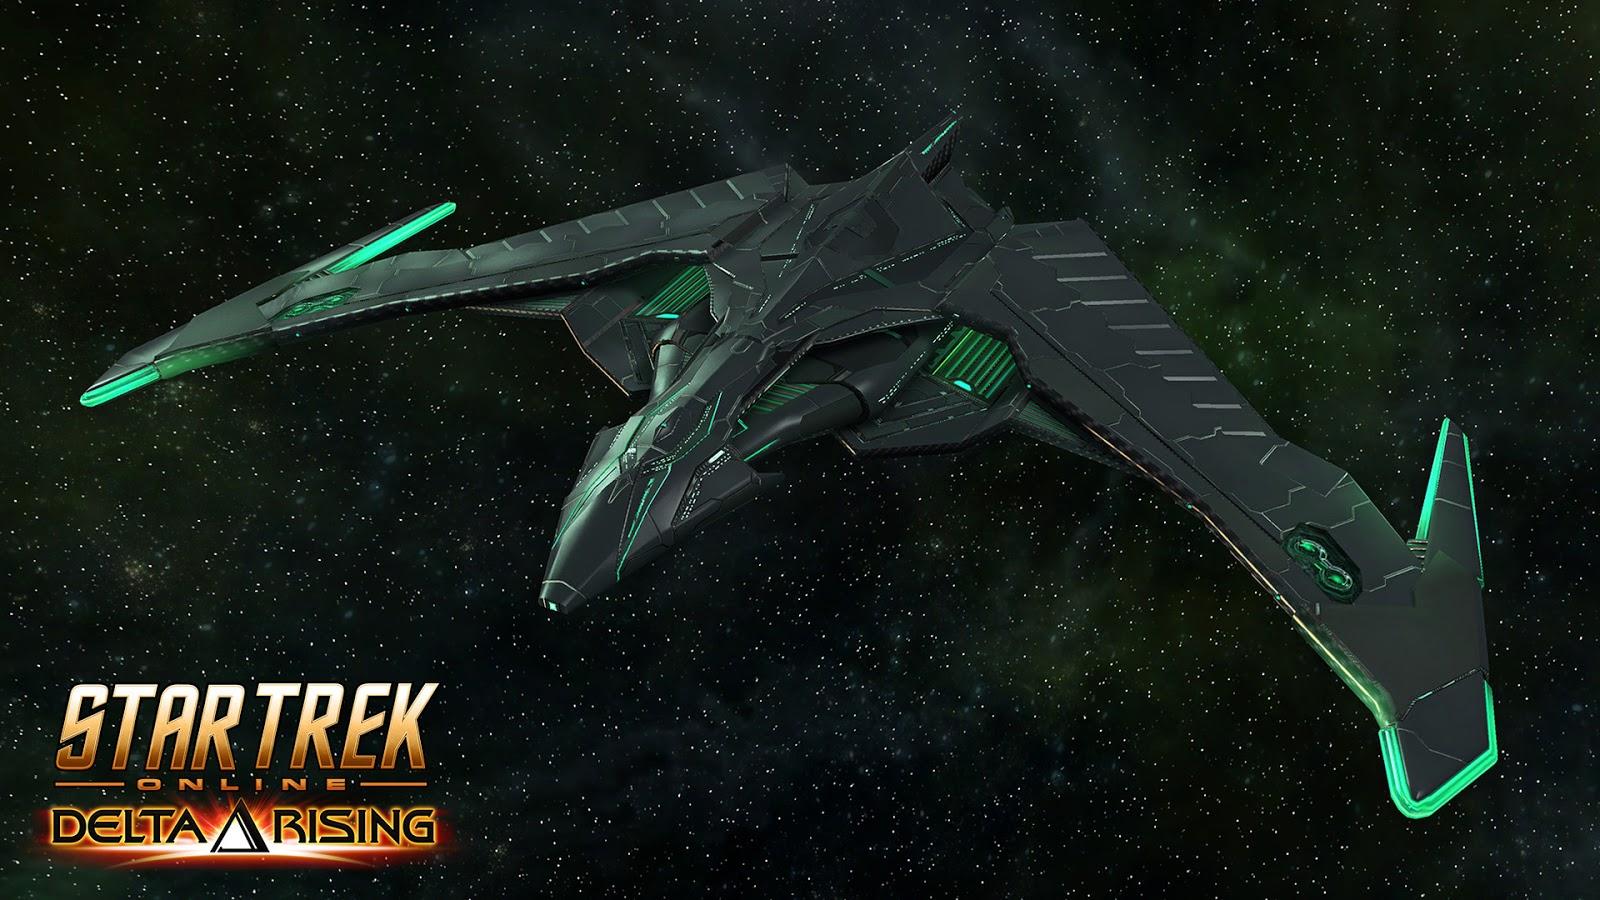 What ships do you fly in Star Trek Online? - Star Trek ...